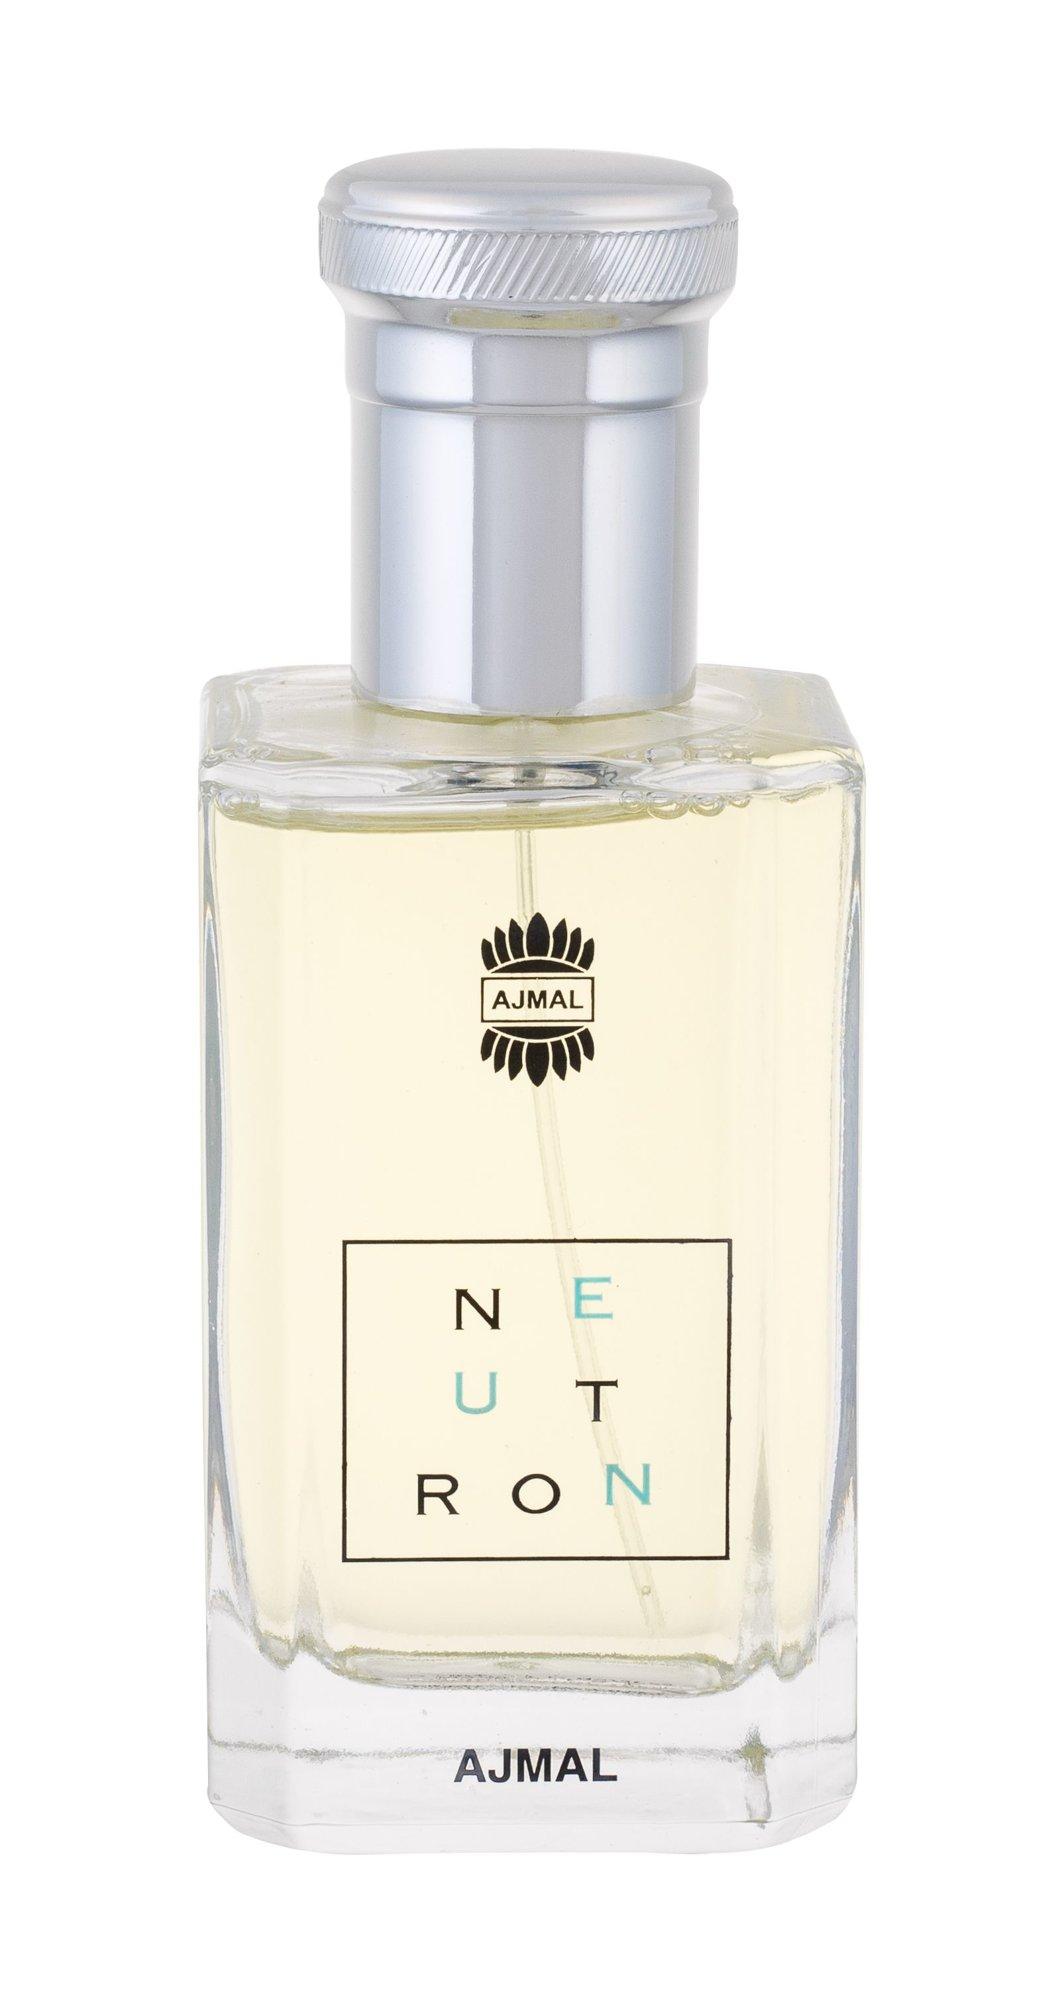 Ajmal Neutron Eau de Parfum 100ml